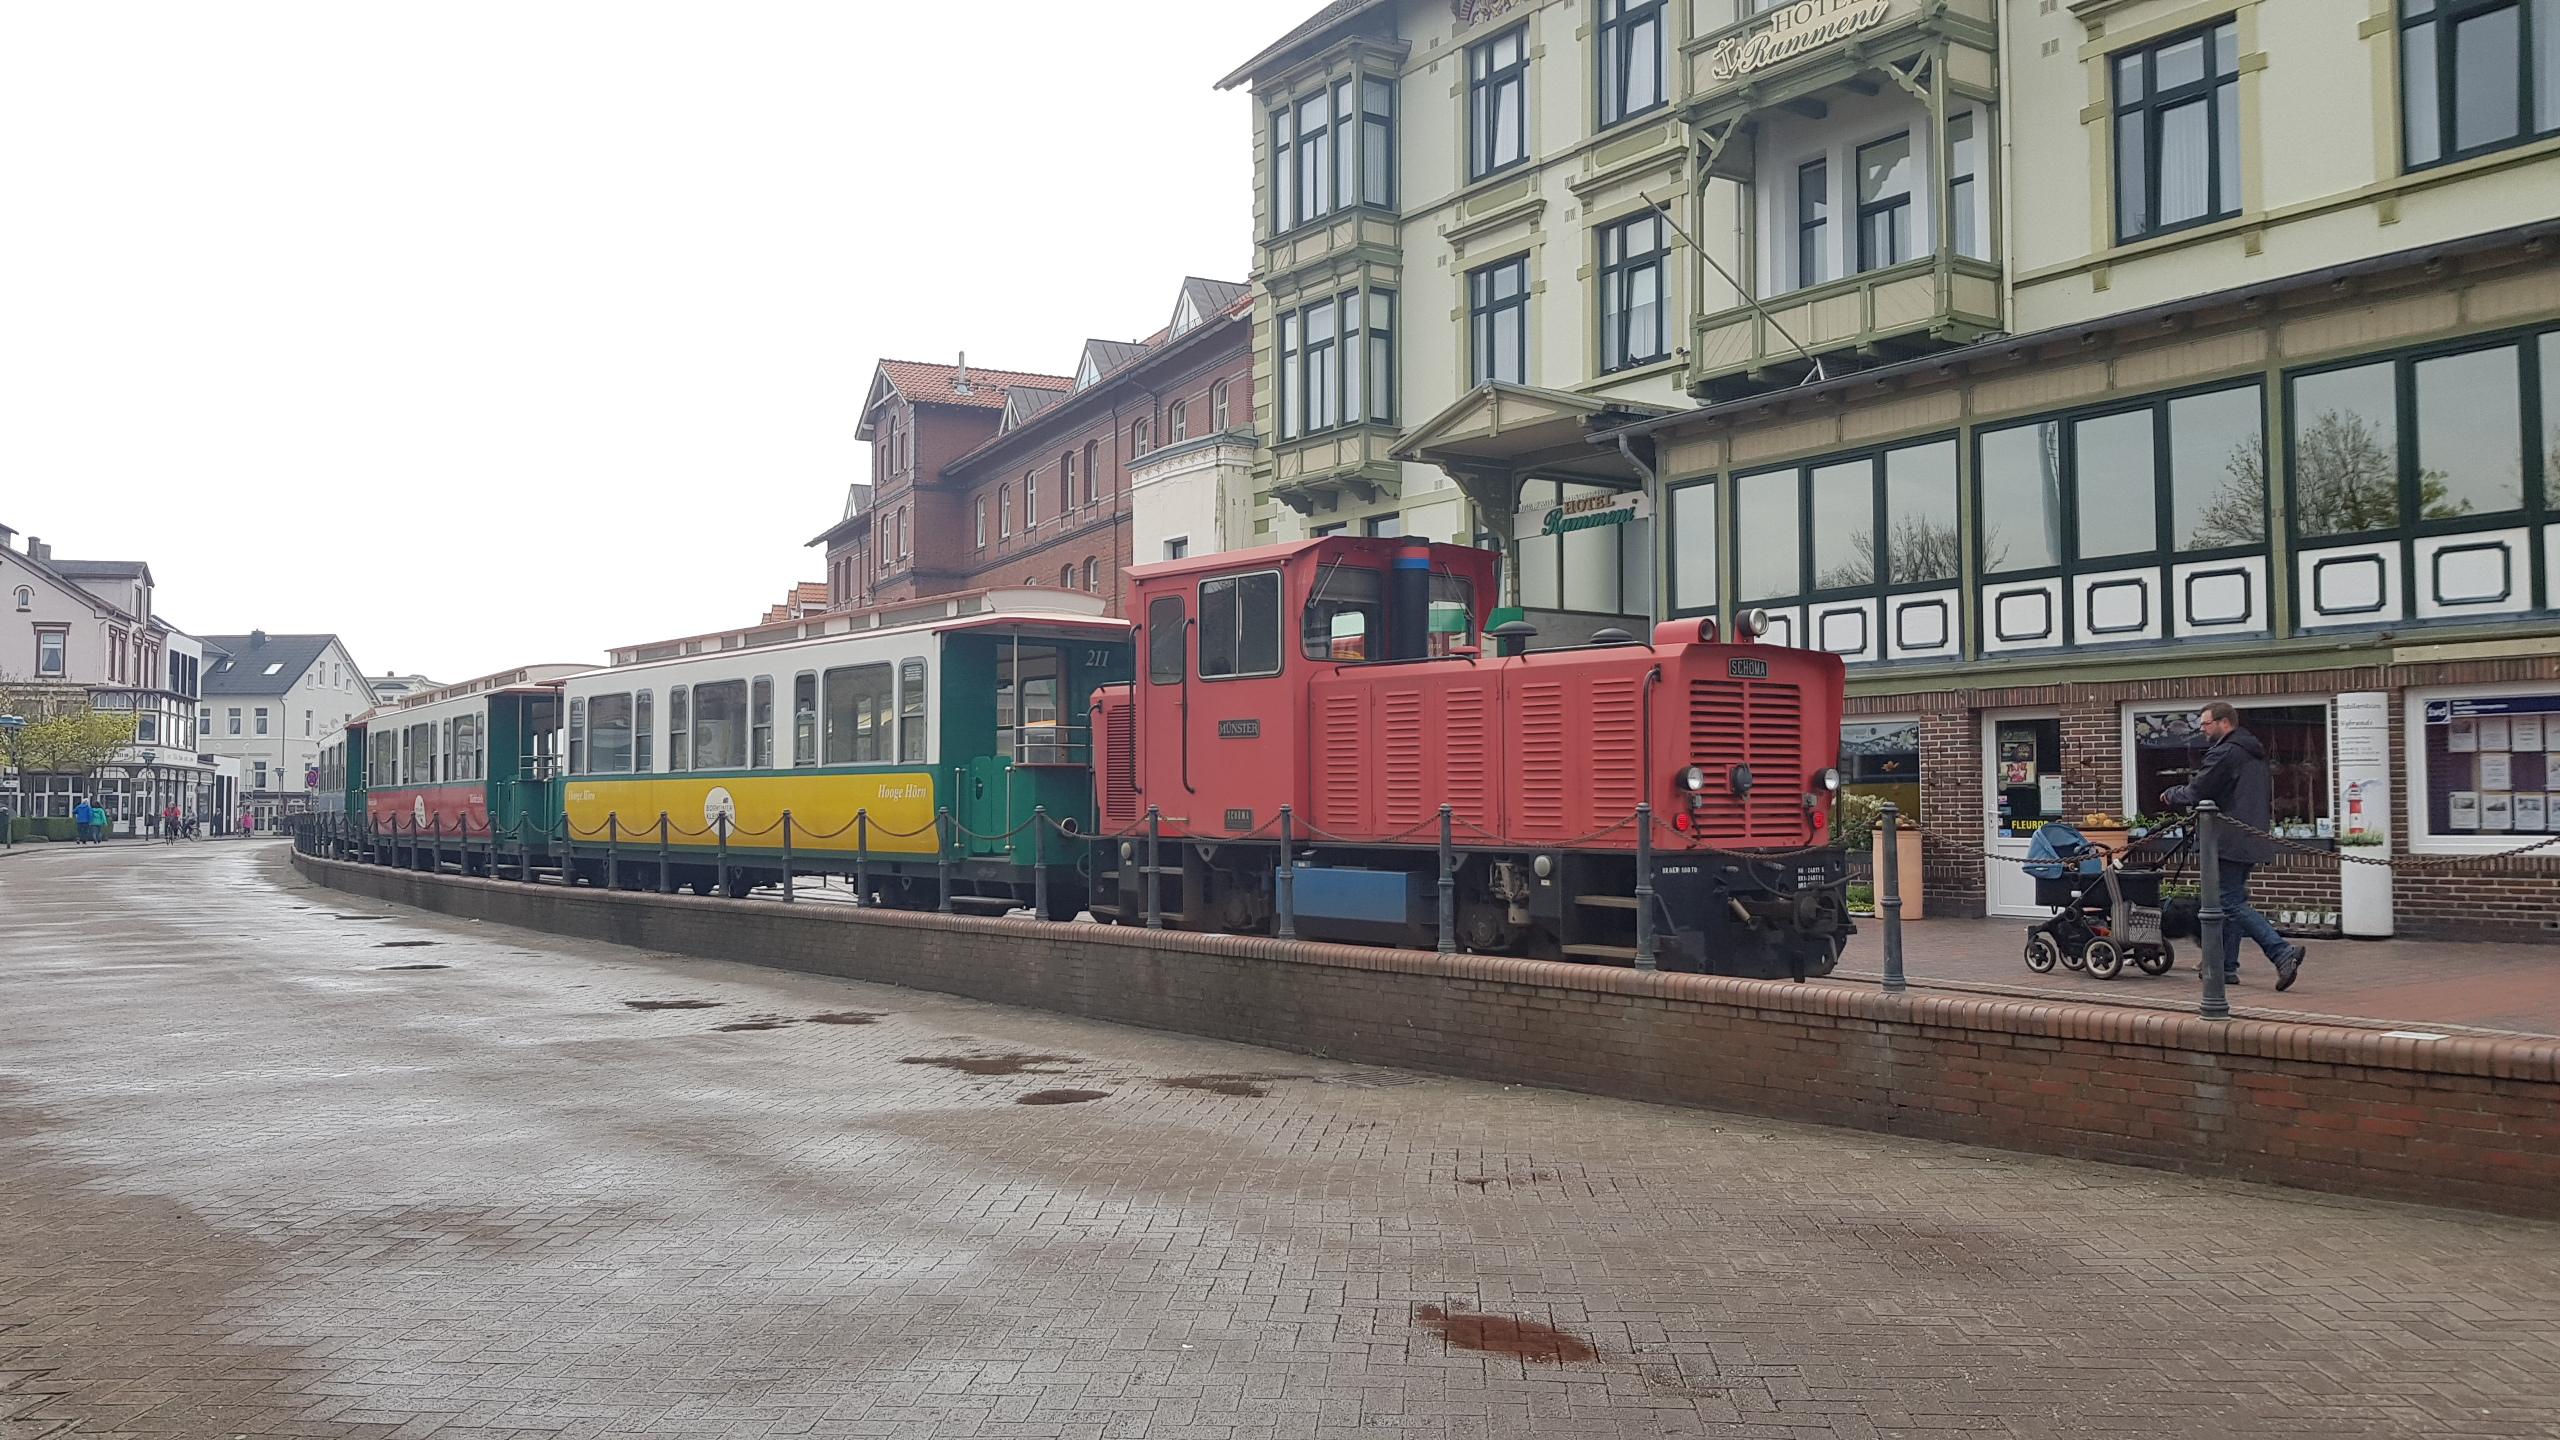 Trein Borkum - Reede